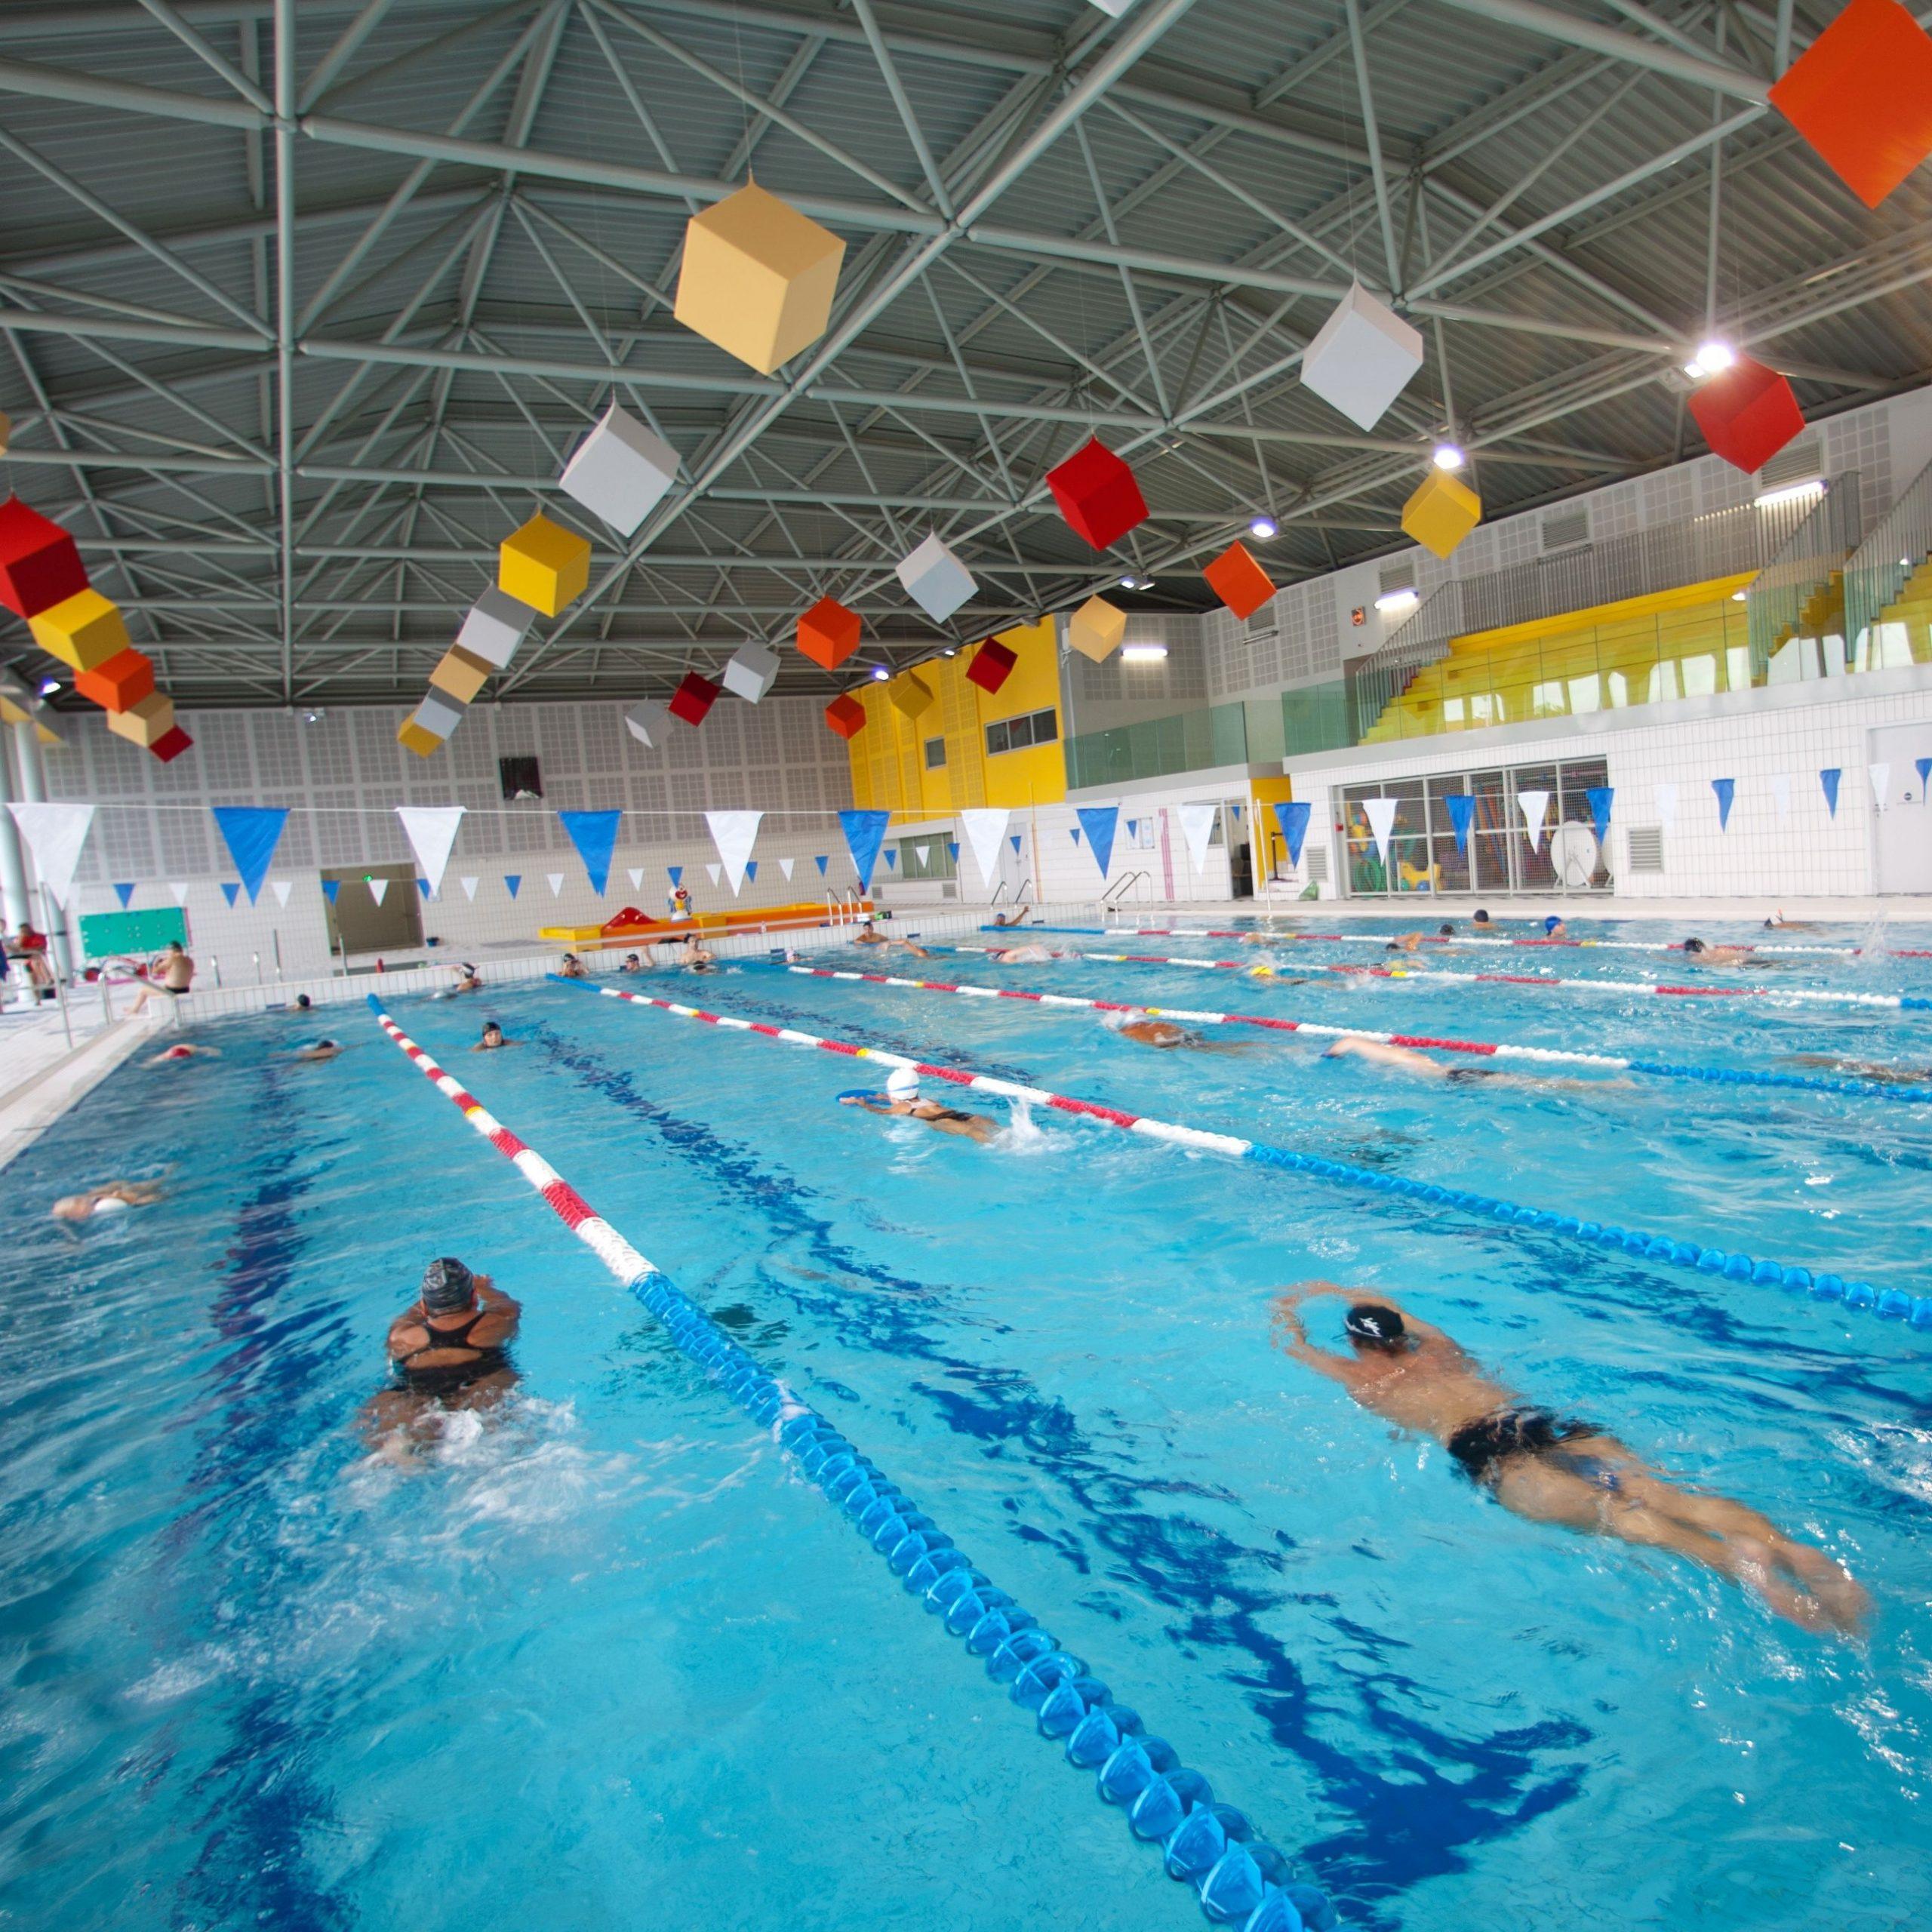 Piscine Alex Jany - Grand Bassin De 25M Par 15M, Petit ... intérieur Piscine Alex Jany